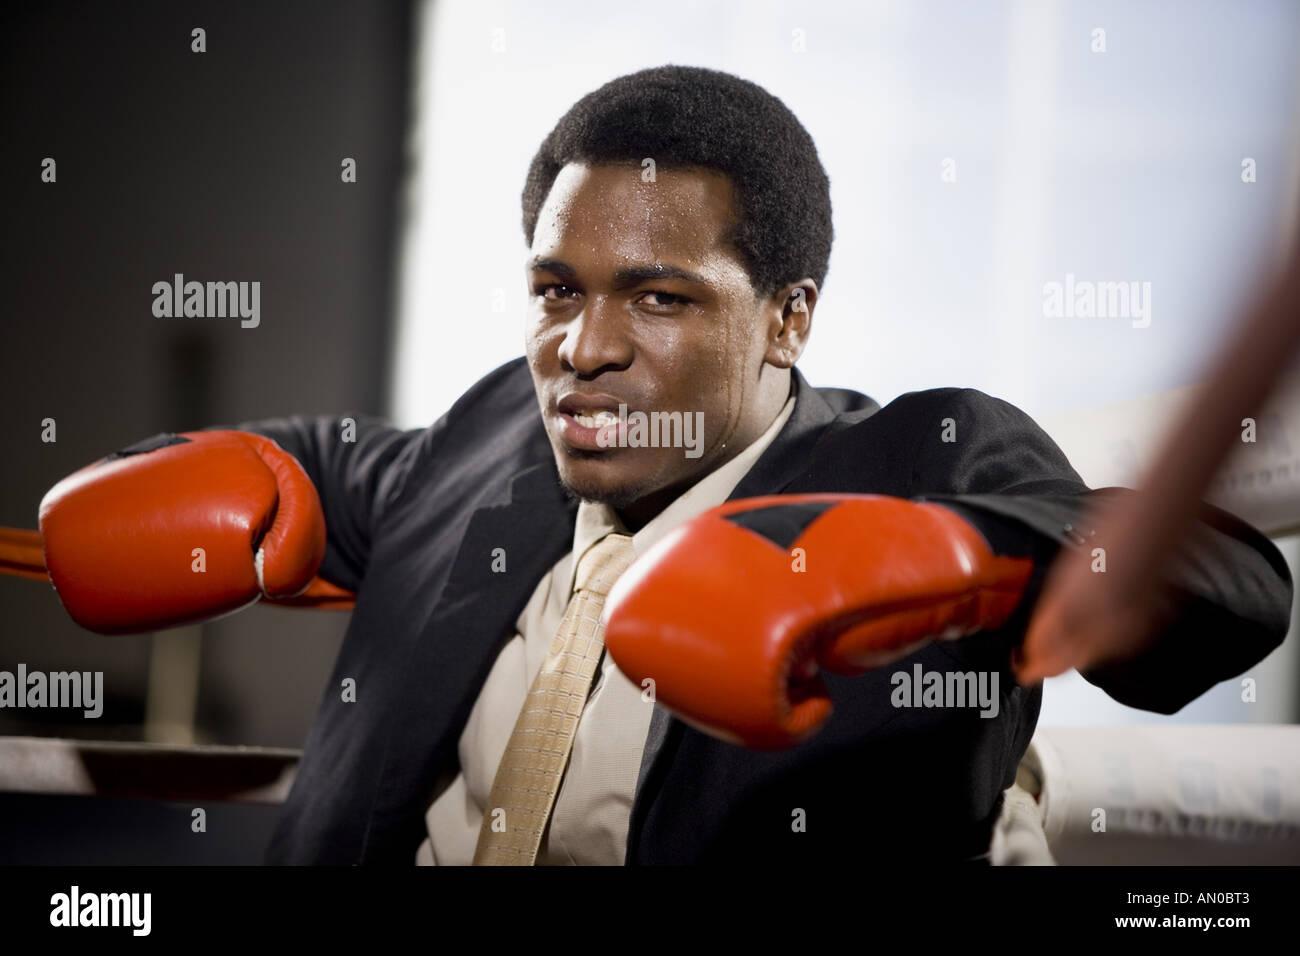 Retrato de un joven sentado en un cuadrilátero de boxeo Foto de stock